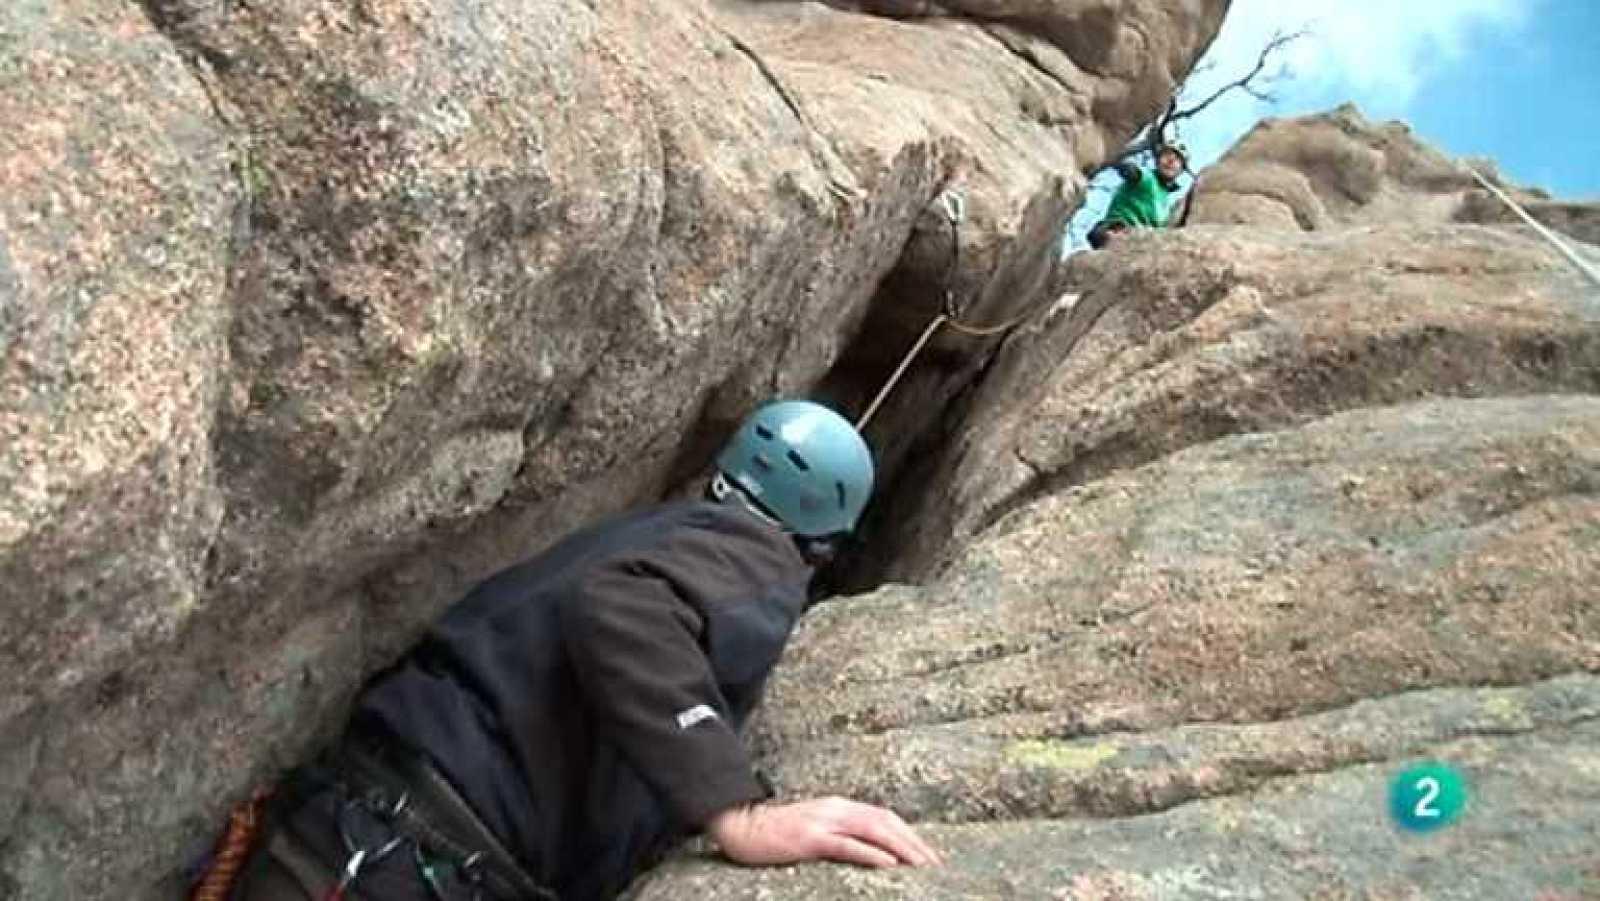 La aventura del saber - 08/04/13 - ver ahora